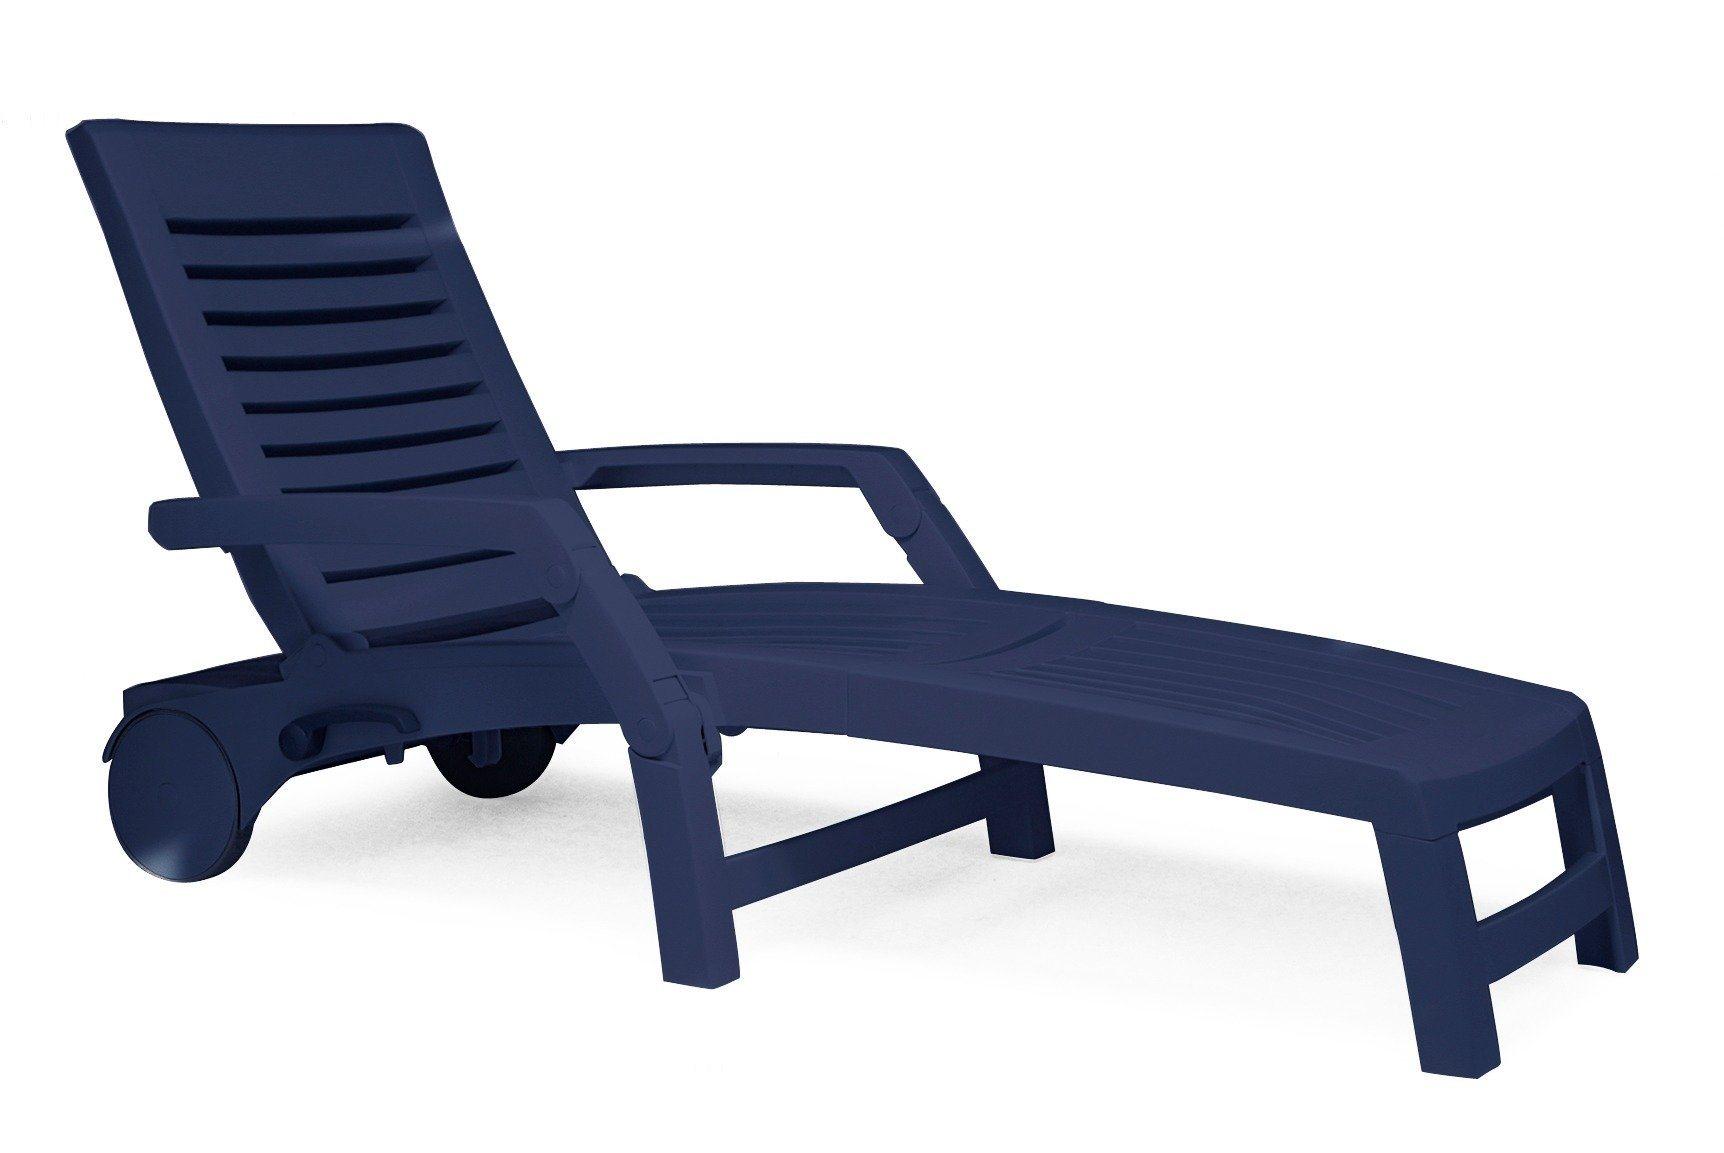 Gartenstuhl Kunststoff Blau Preisvergleich • Die besten Angebote ...